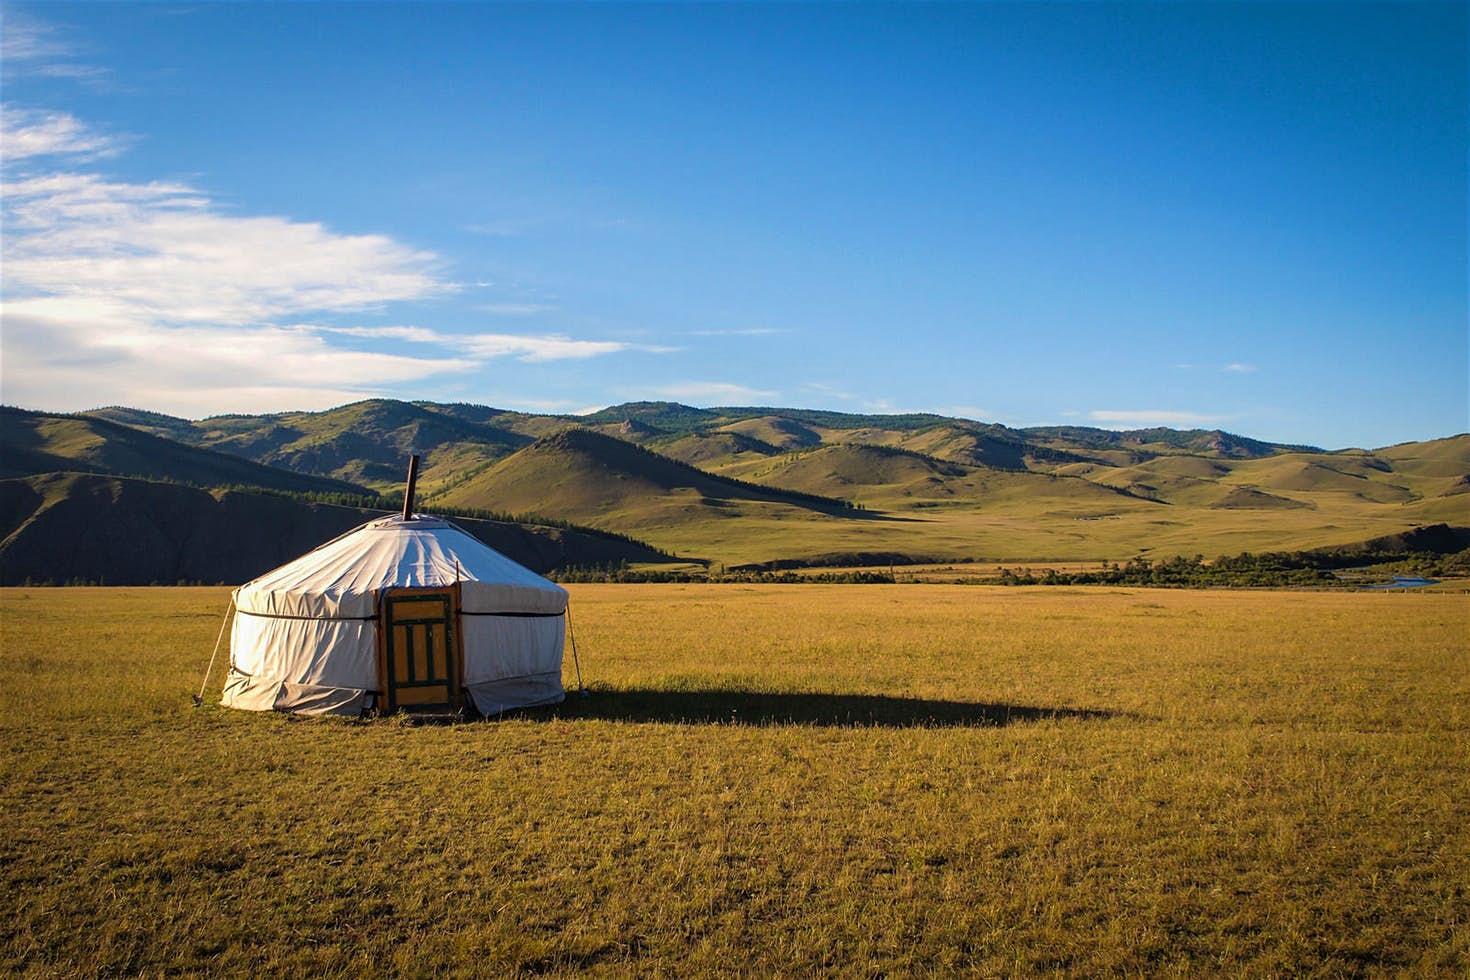 Mông Cổ: Vùng đất của những chuyến đi để đời! - hình ảnh 1